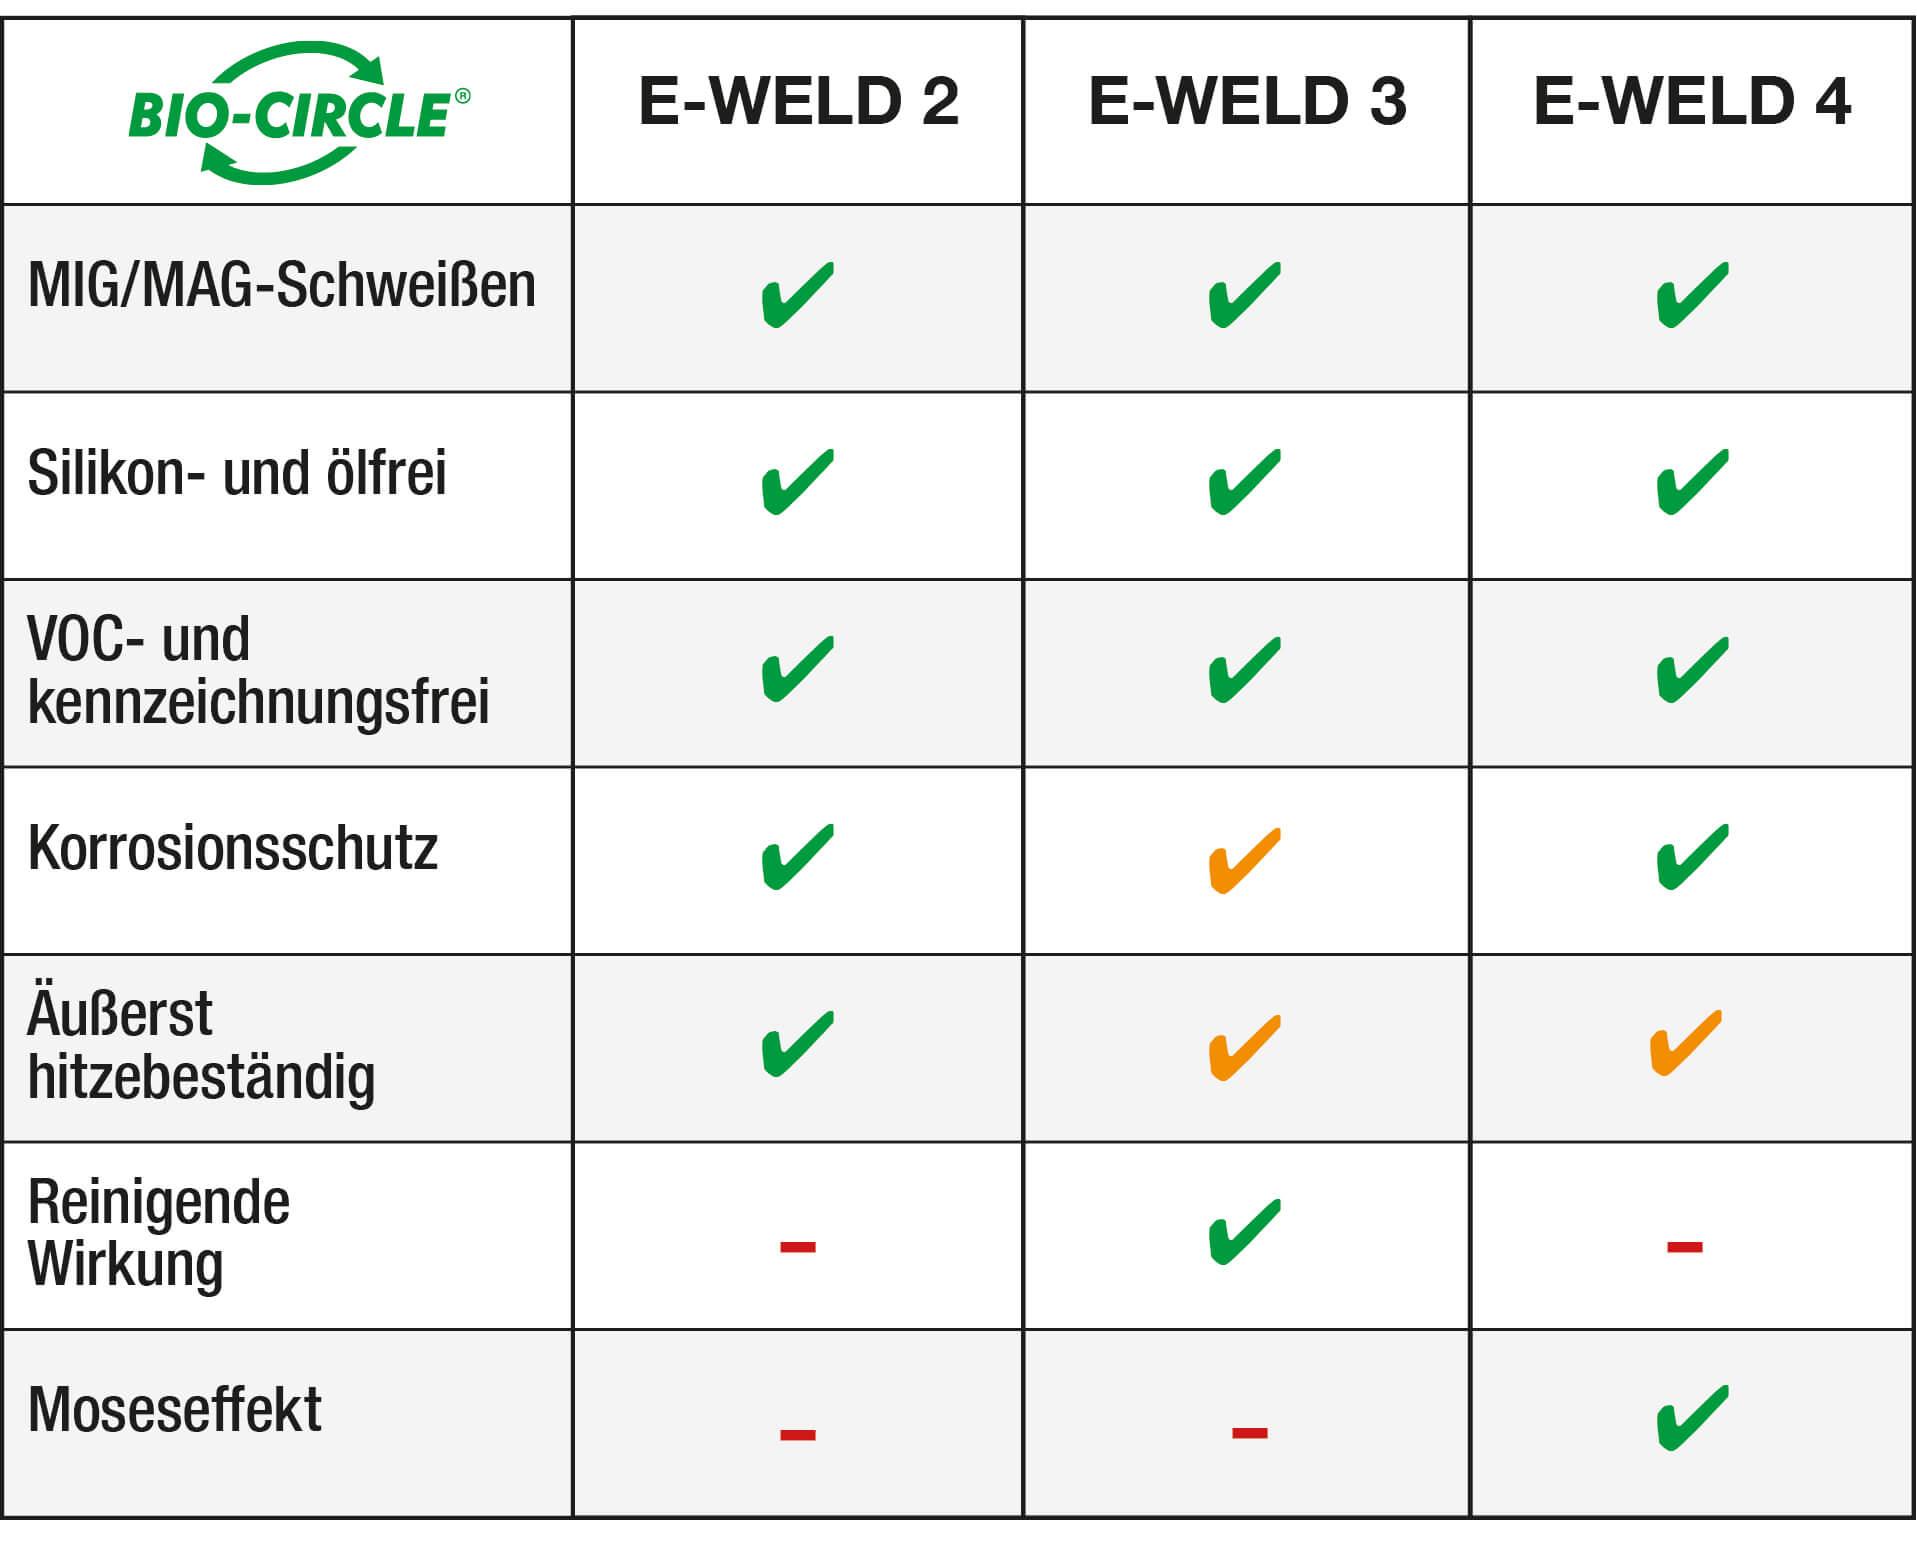 Schweisstrennmittel_E-WELD_Vergleich_DE